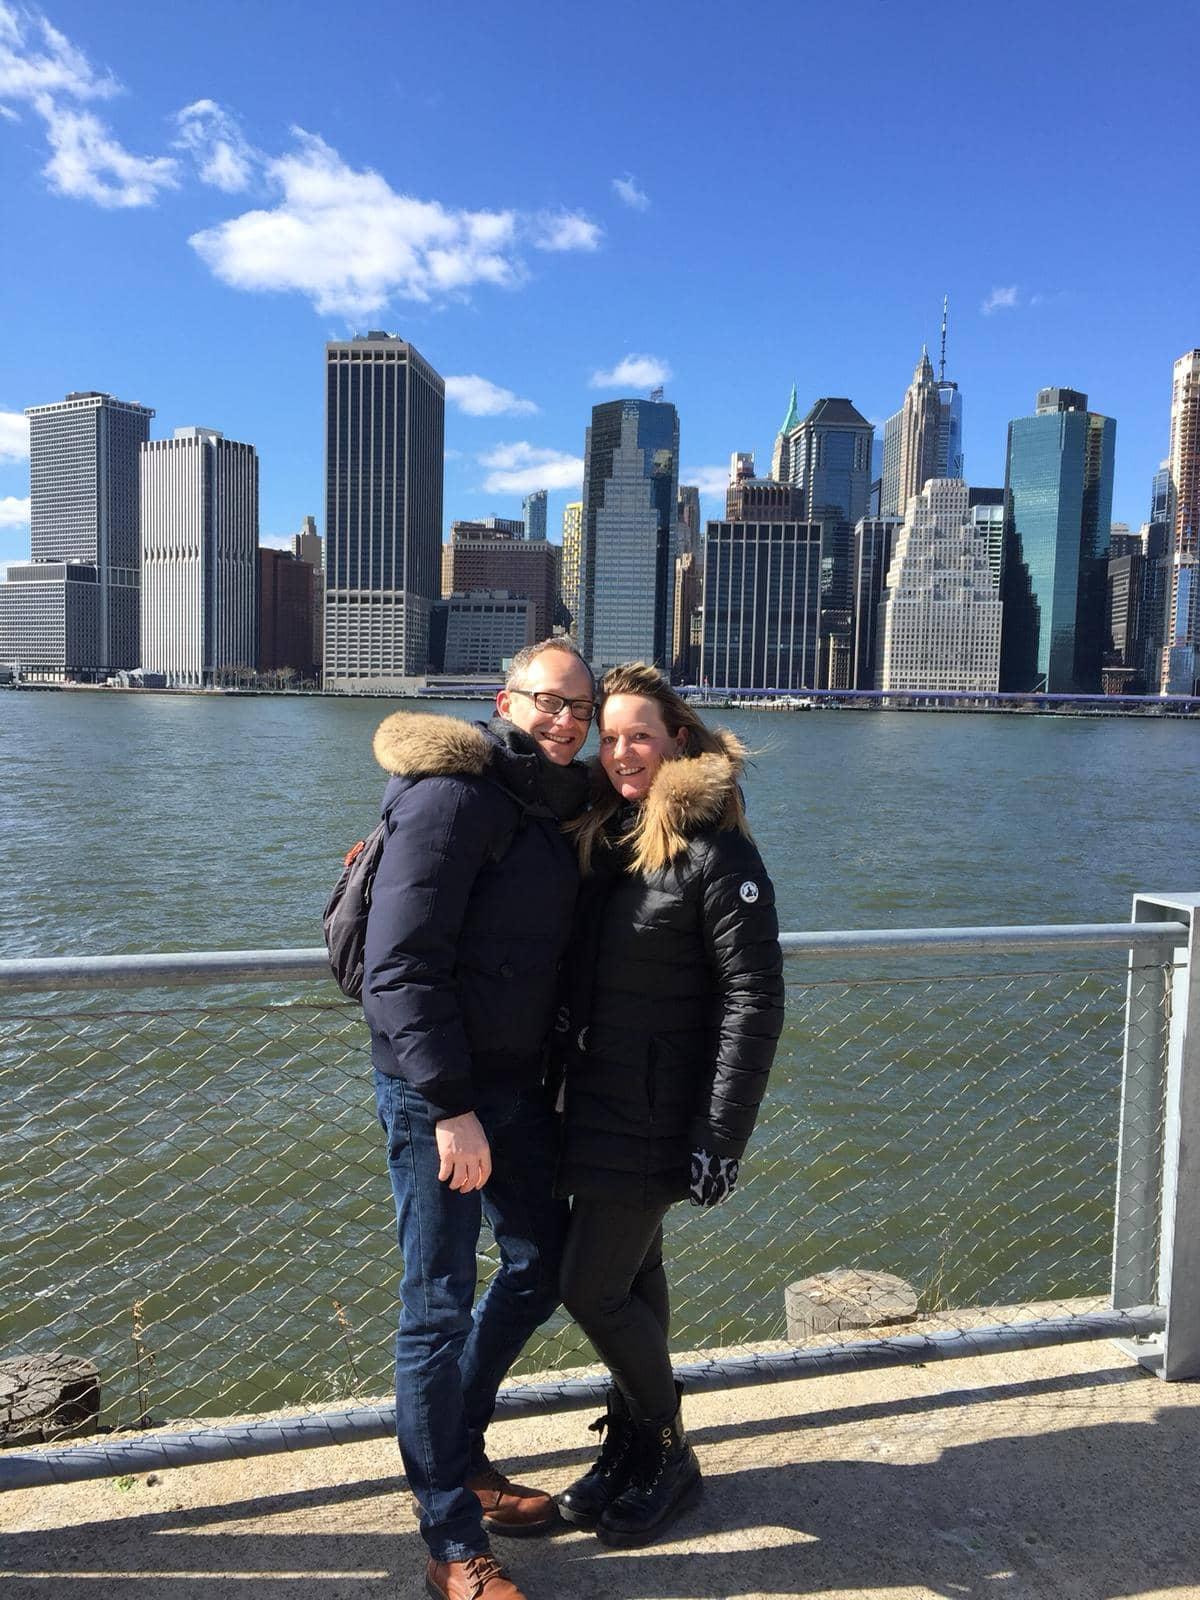 Voita matka New Yorkiin - Skyline